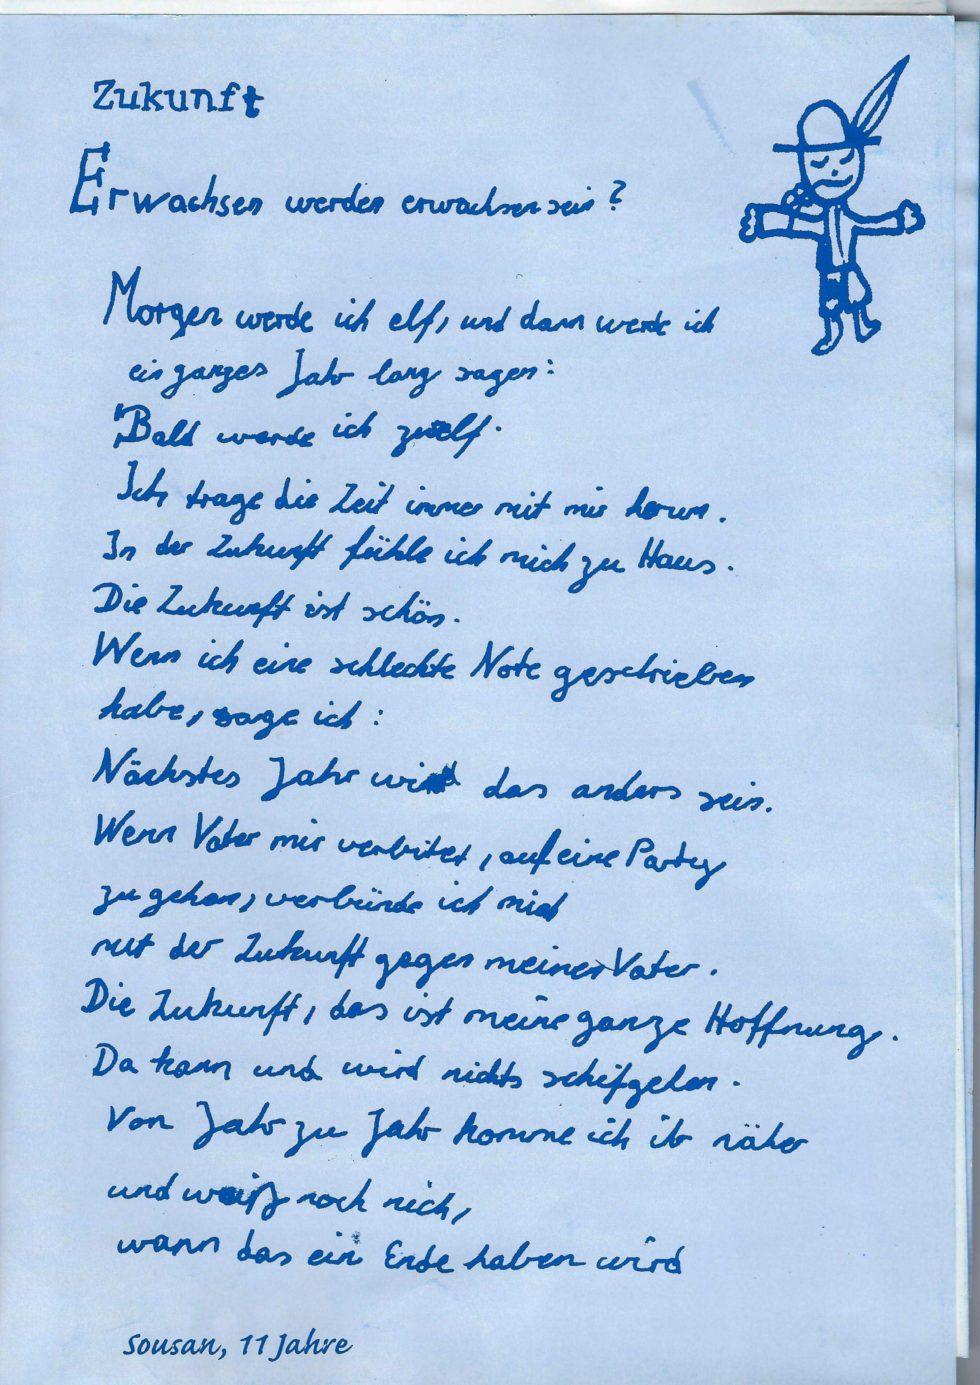 1998 LyrikGarten, LiteraTalk, Politisches_Seite_32